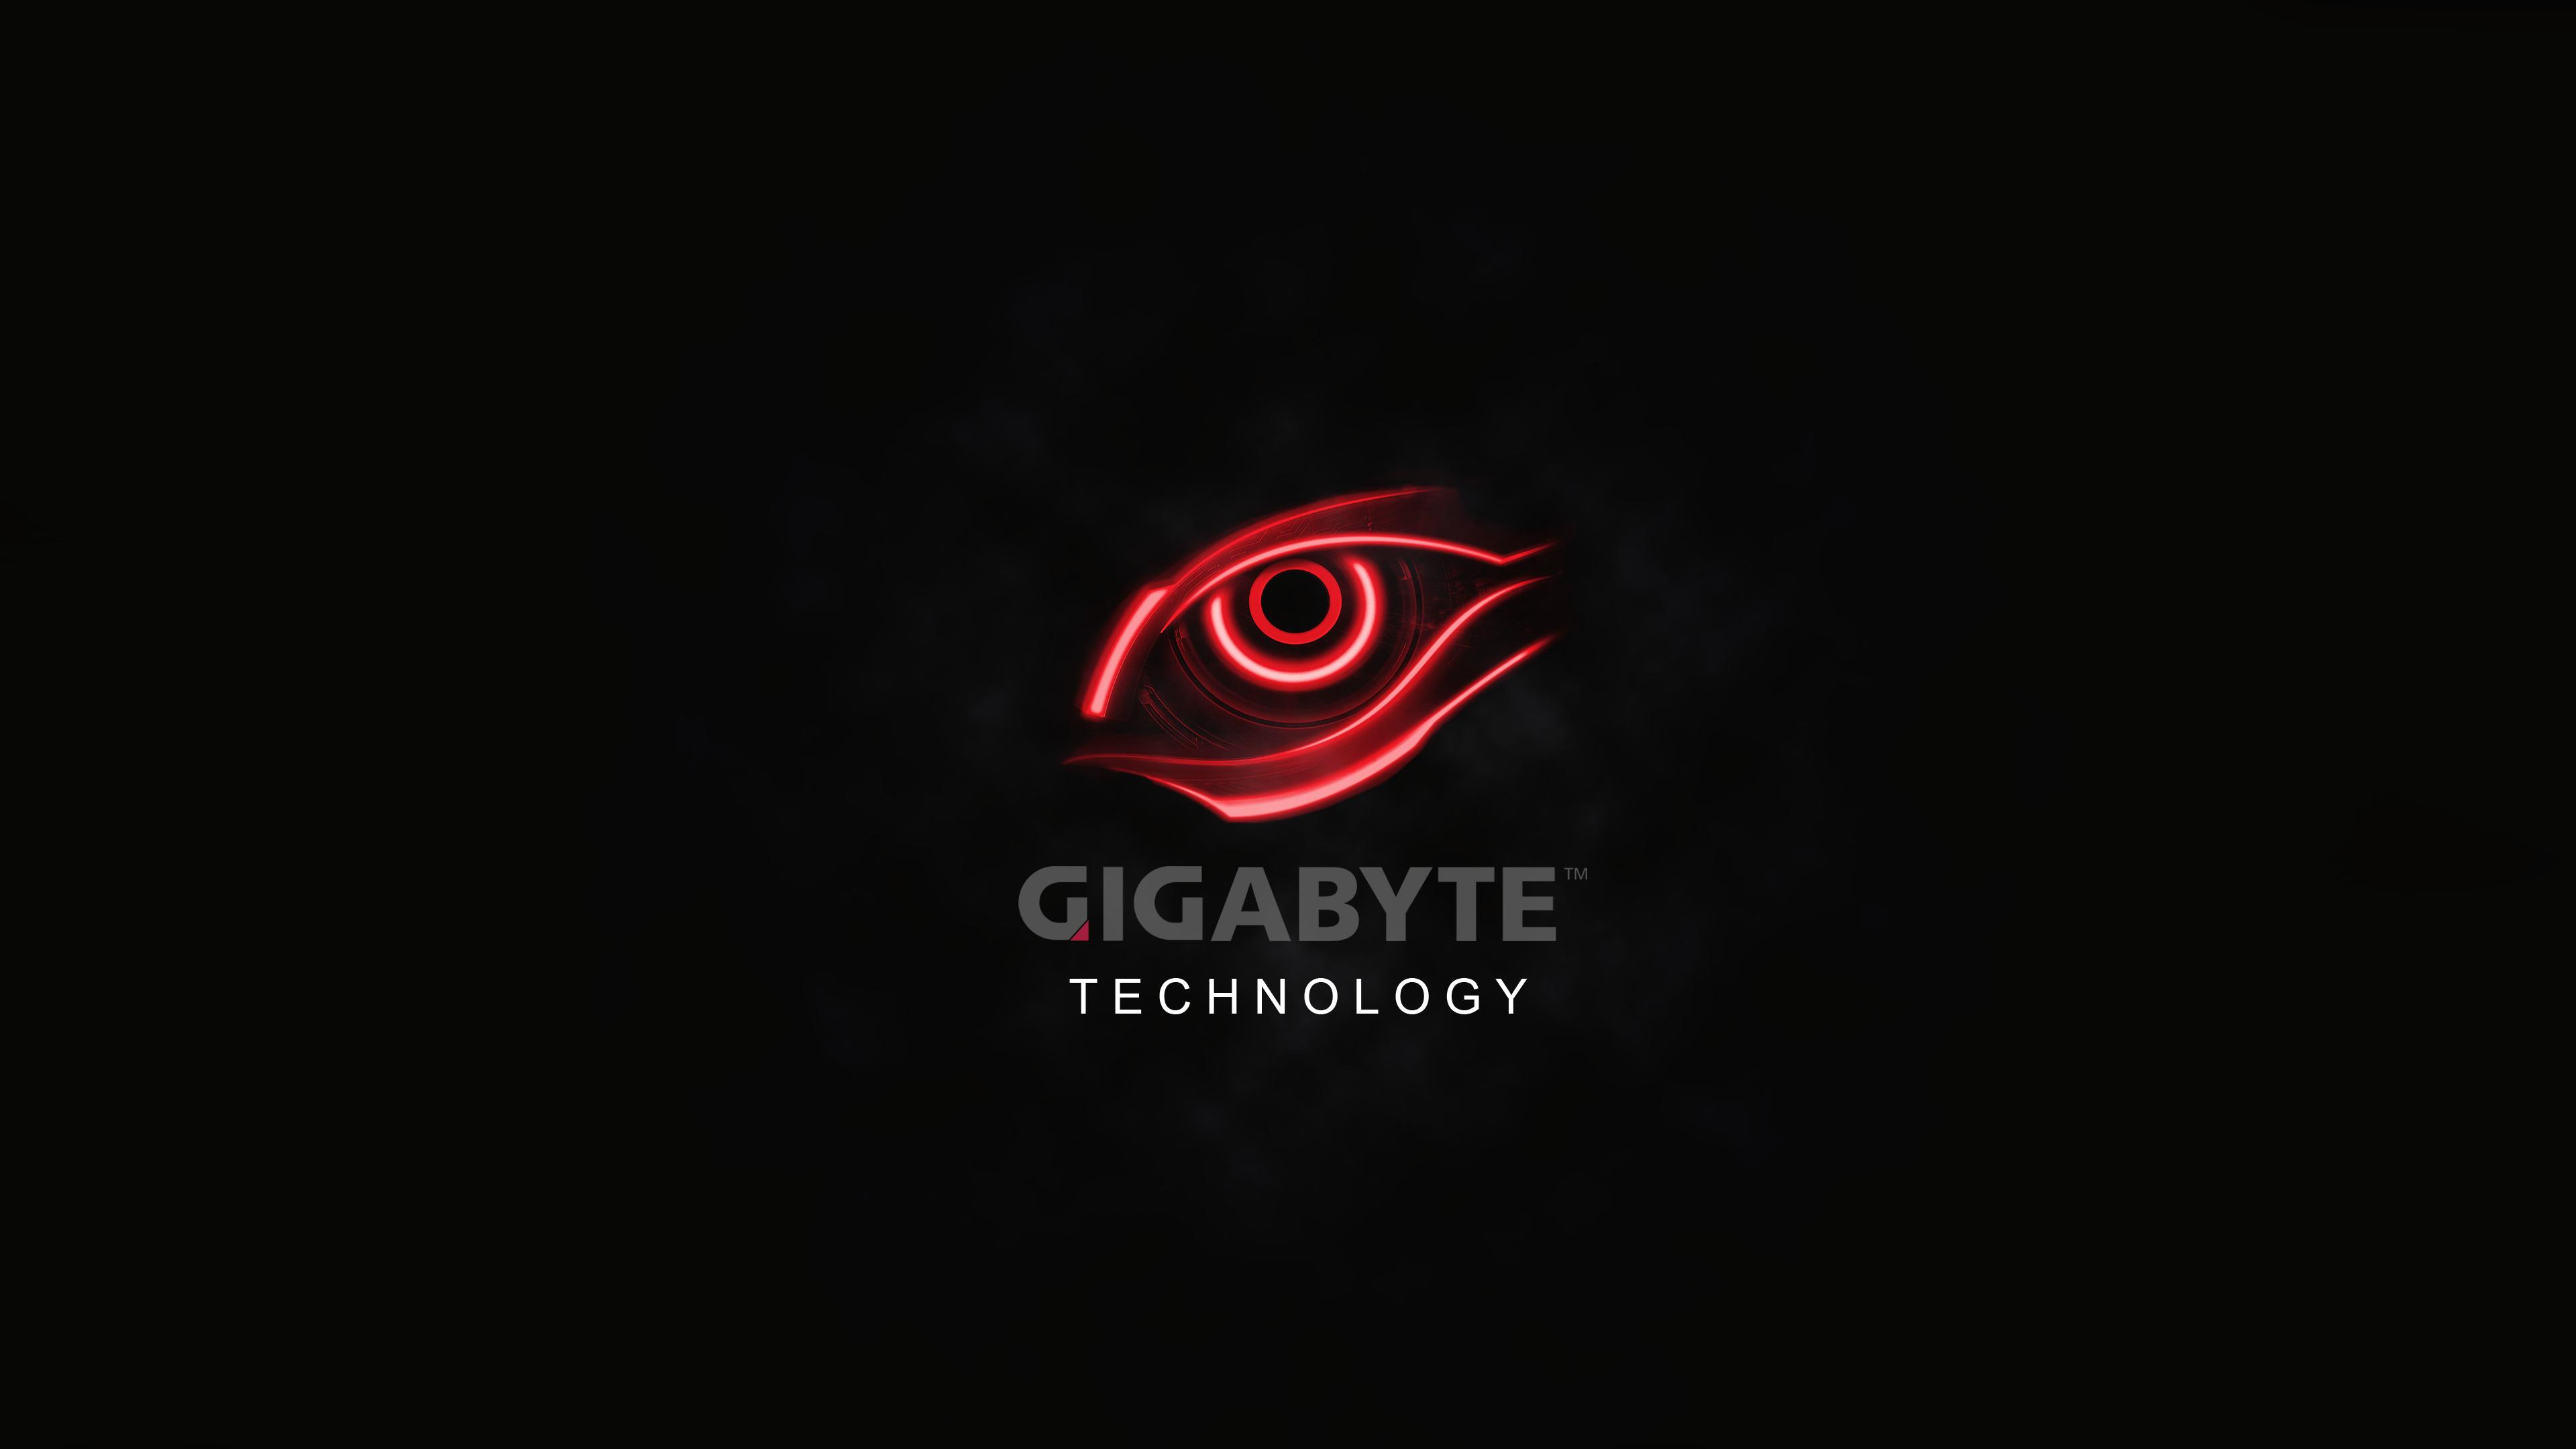 Gigabyte wallpapers, Technology, HQ Gigabyte pictures | 4K